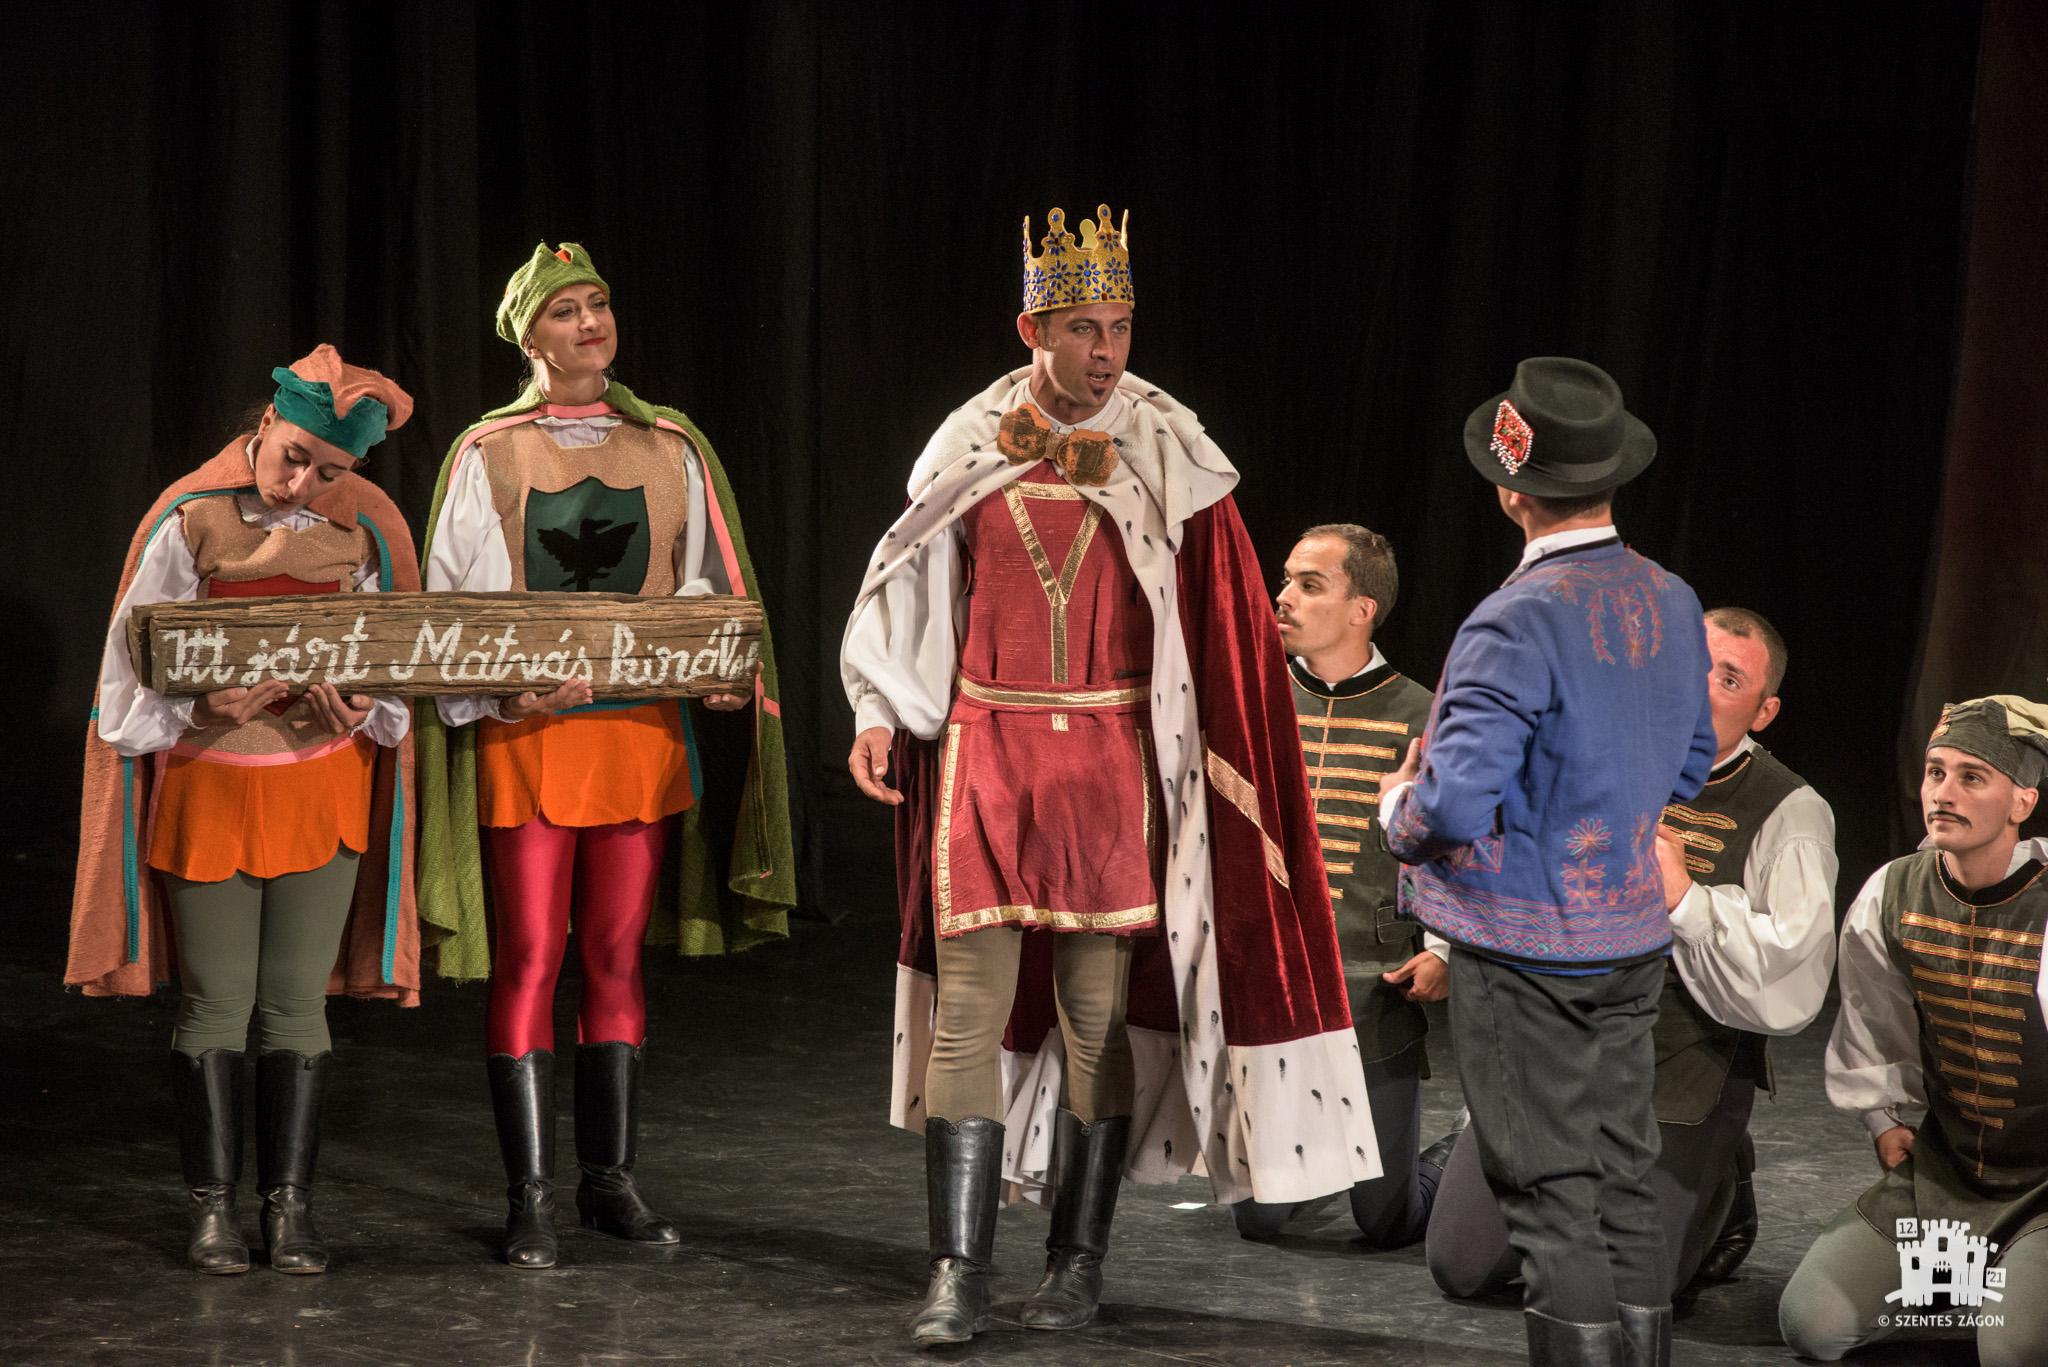 Regele Matia deghizat – spectacol-poveste oferit de Ansamblul Artistic Mureşul